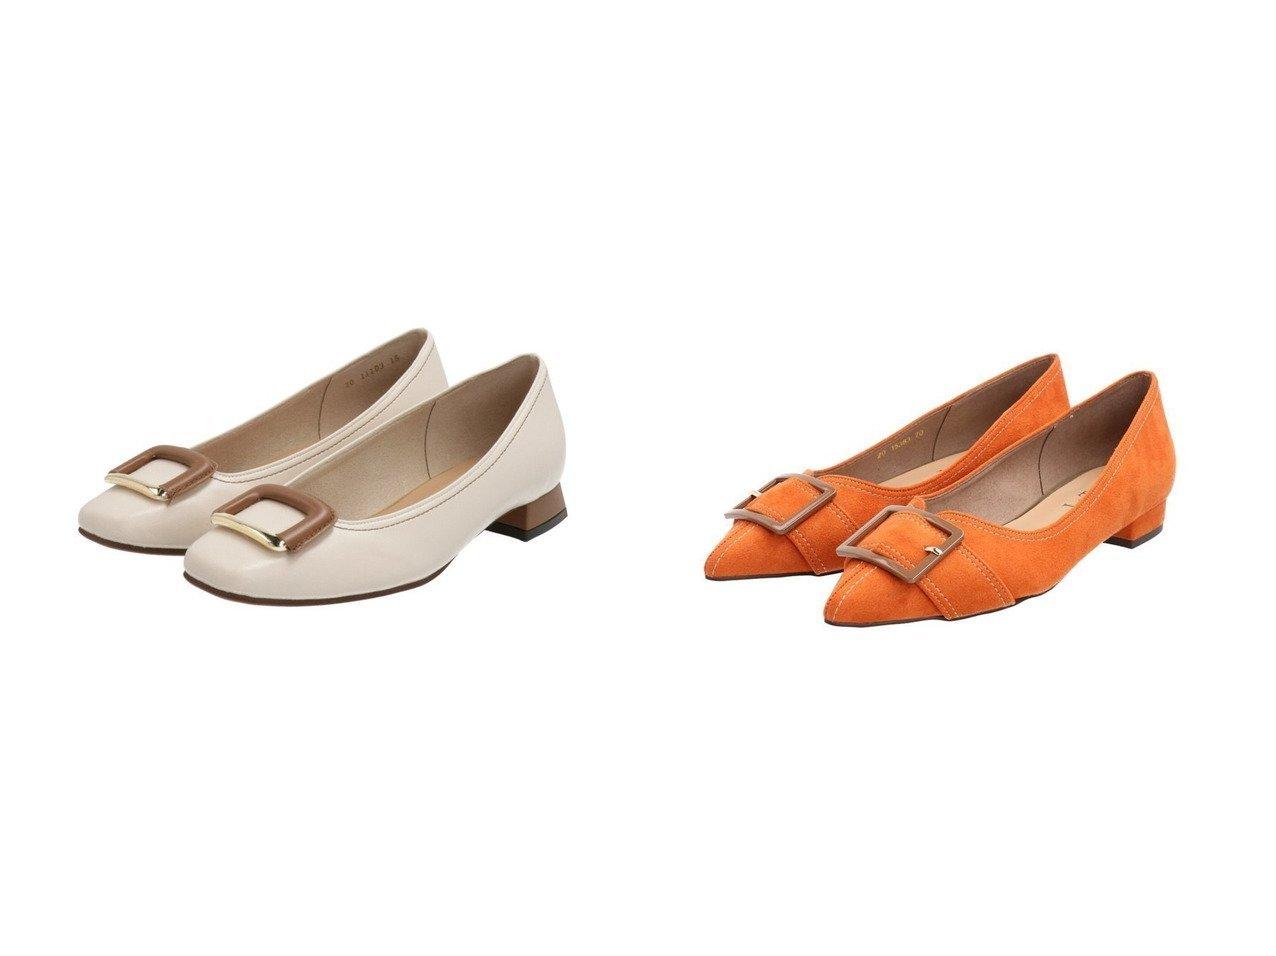 【Le Talon/ル タロン】の2.5cmSQステッチバックルFT215-255&POステッチベルトFT(22-25) シューズ・靴のおすすめ!人気、トレンド・レディースファッションの通販  おすすめで人気の流行・トレンド、ファッションの通販商品 メンズファッション・キッズファッション・インテリア・家具・レディースファッション・服の通販 founy(ファニー) https://founy.com/ ファッション Fashion レディースファッション WOMEN バッグ Bag ベルト Belts 2020年 2020 2020-2021 秋冬 A/W AW Autumn/Winter / FW Fall-Winter 2020-2021 A/W 秋冬 AW Autumn/Winter / FW Fall-Winter インソール クッション シューズ シンプル スクエア タイツ フラット ワンポイント |ID:crp329100000009816